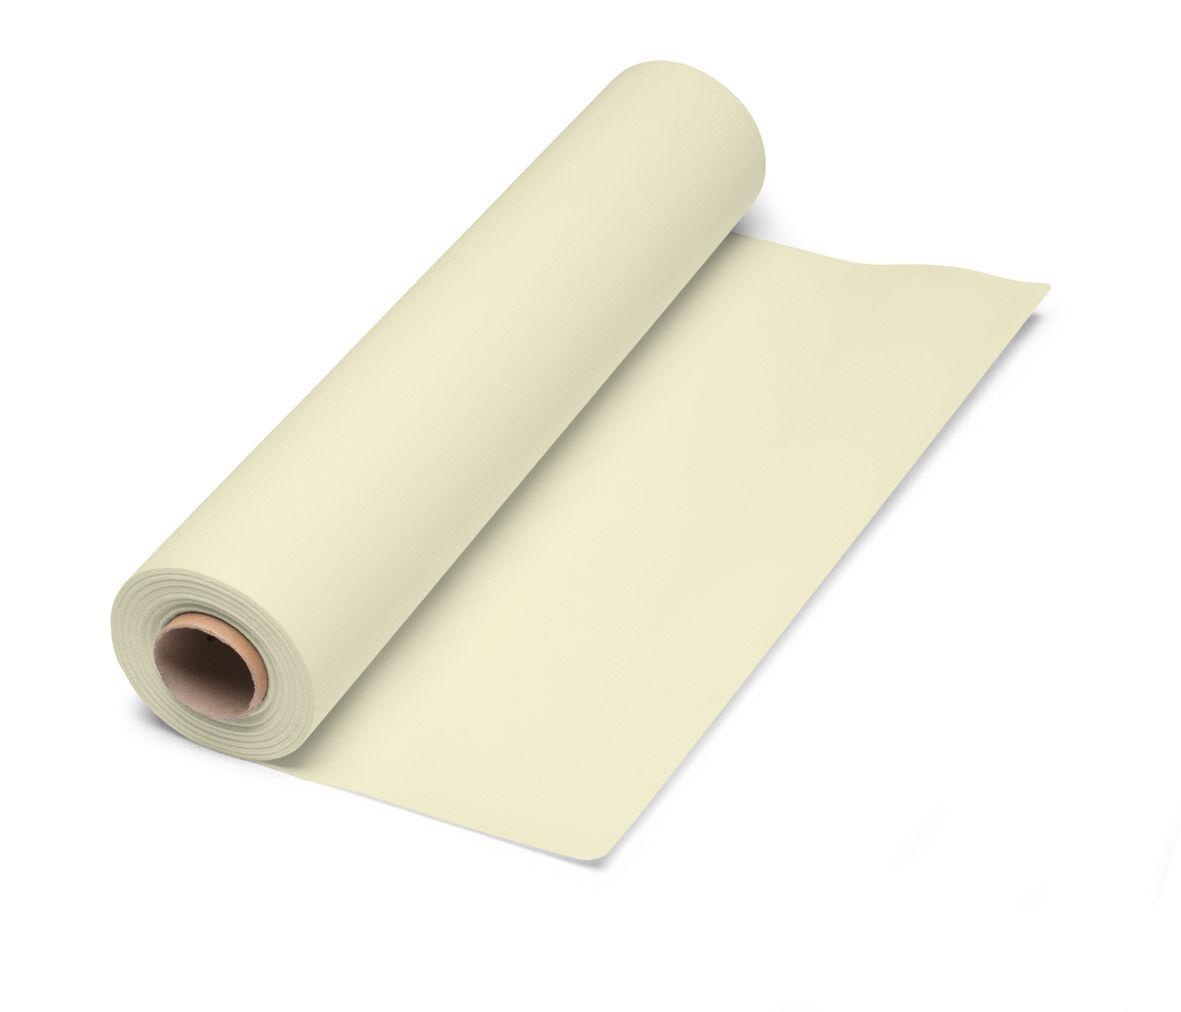 Duni Dunicel Tischdeckenrolle creme creme creme 0 90m x 40m Gastroqualität Vliestischtuch 4908f9